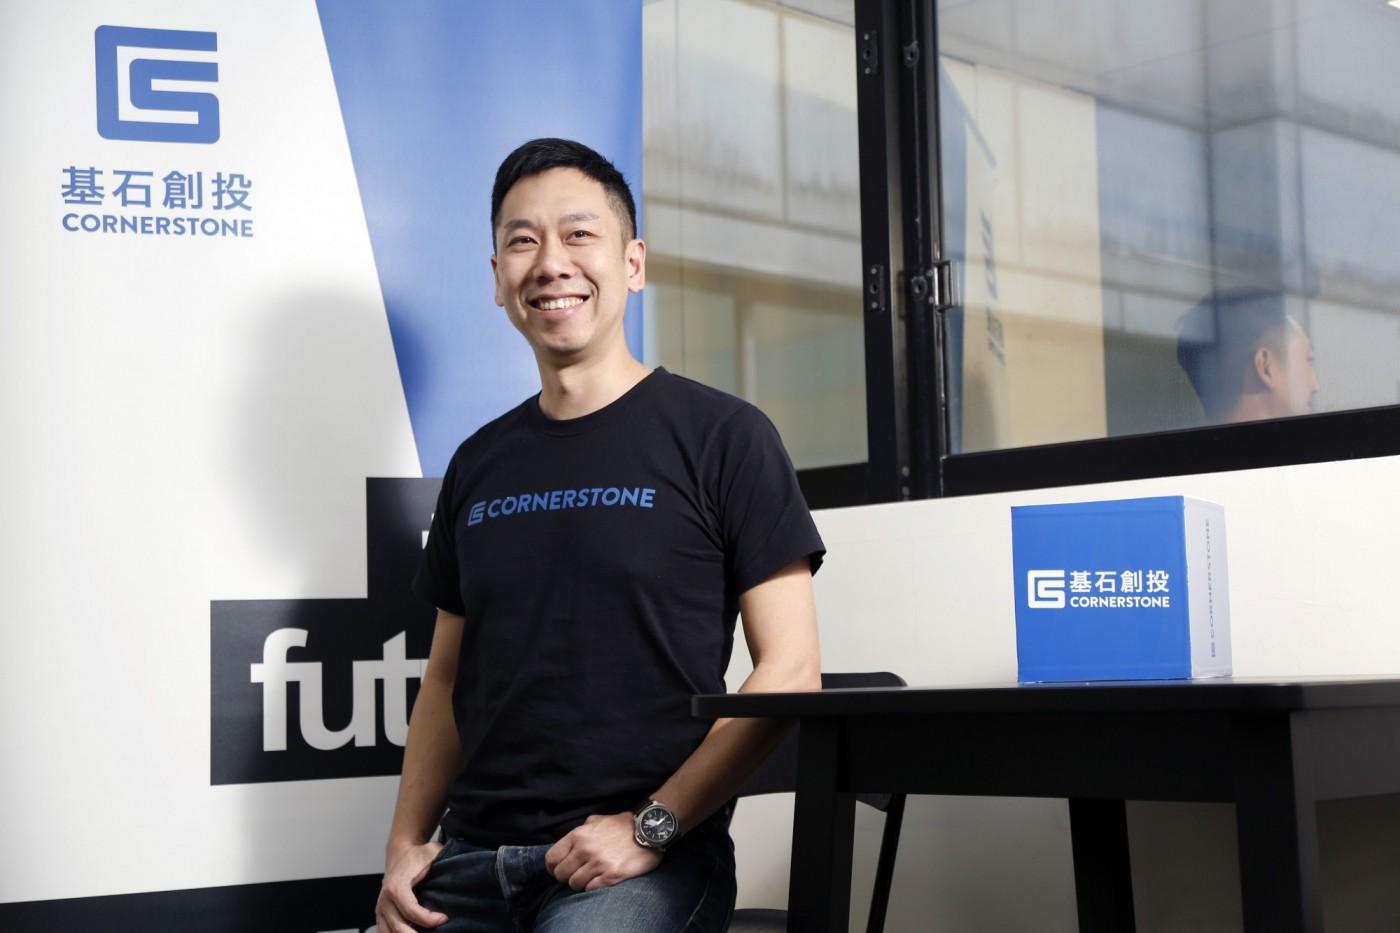 【獨家專訪】這兩家新創入選!基石創投總經理揭密中華網家一號投資幕後